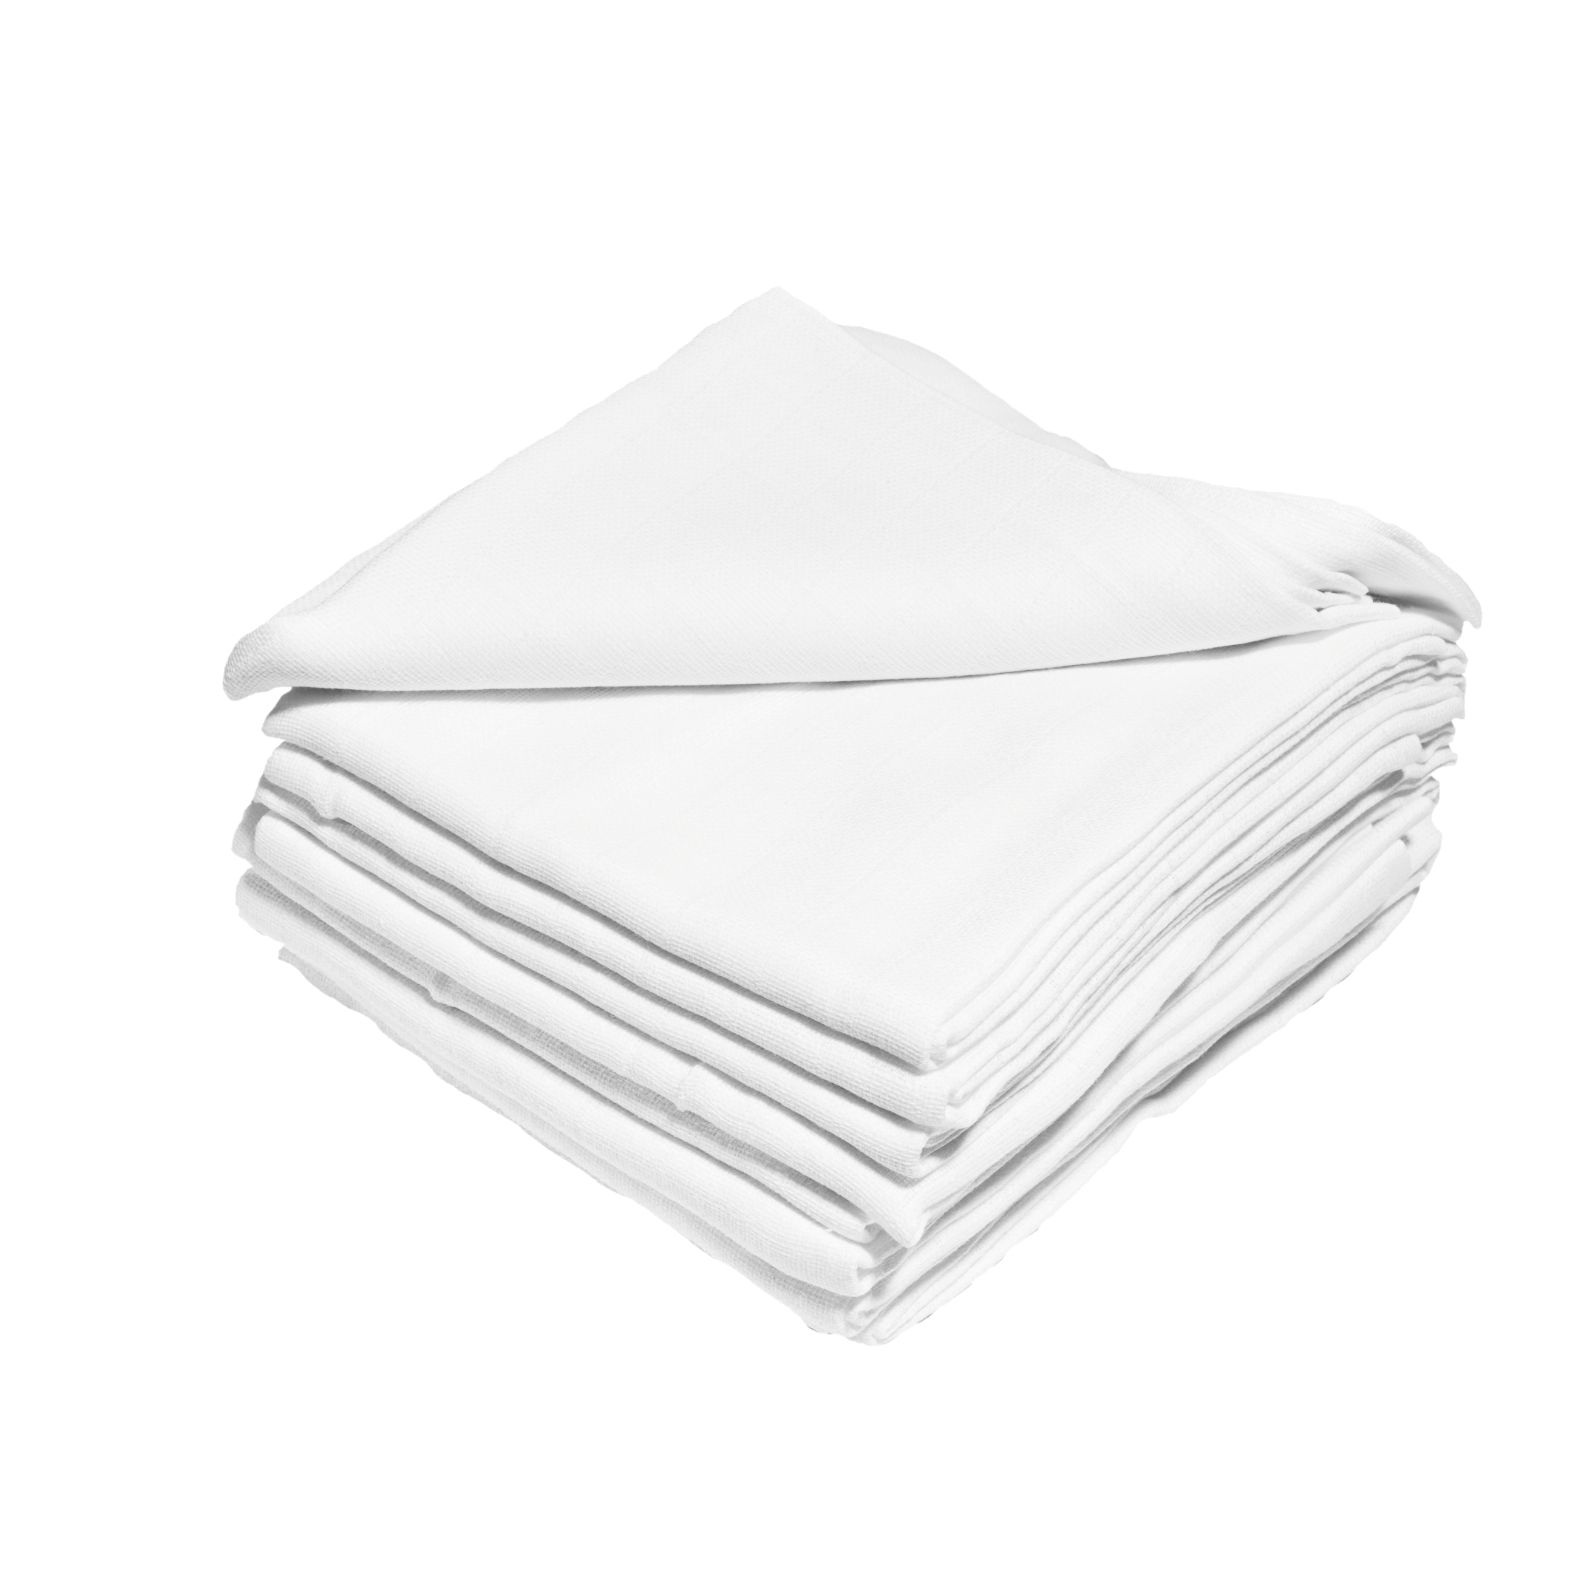 JASMINE Tetra plienky Jasmine 70x80 cm bílé 10ks 115g/m2